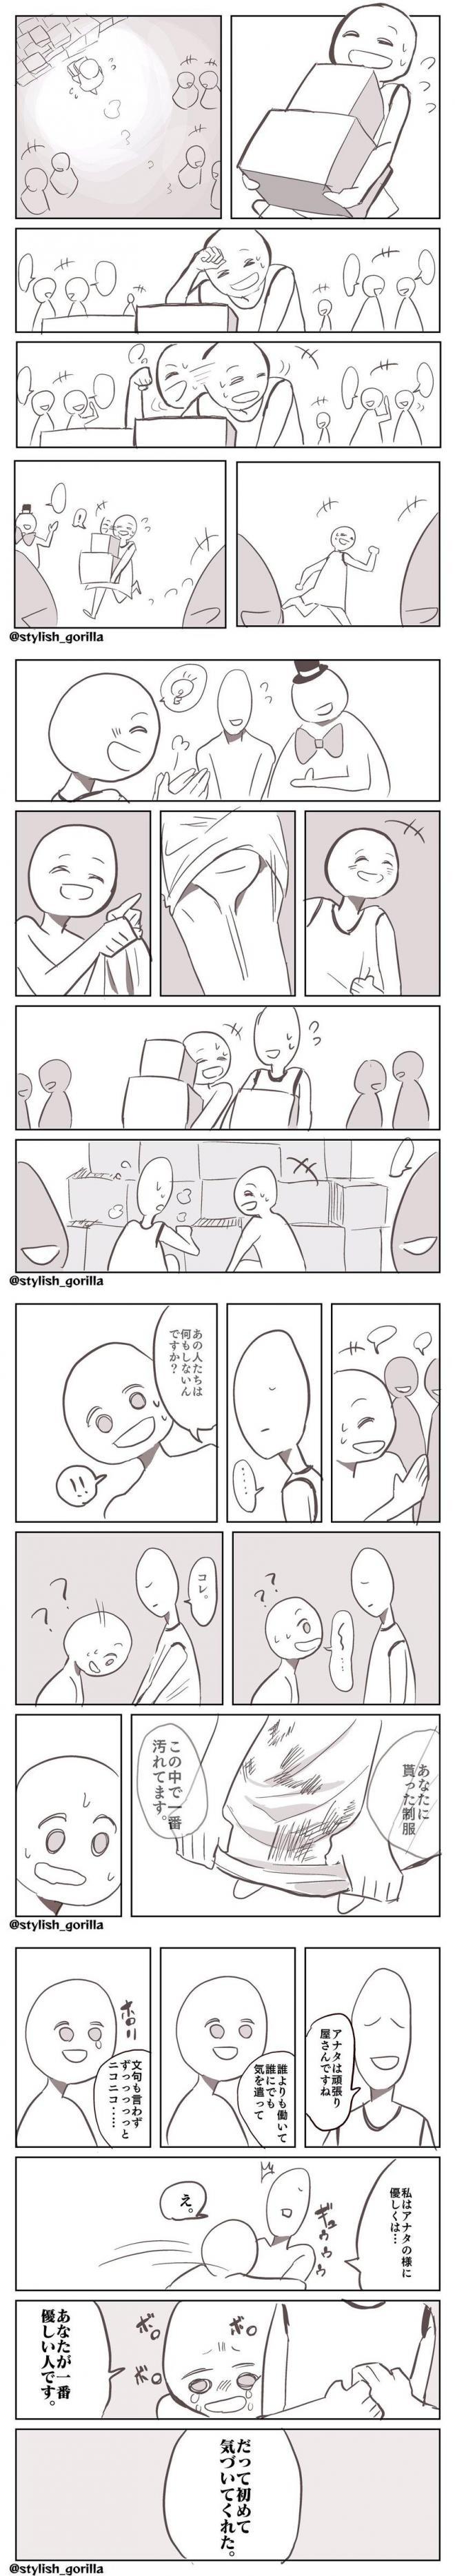 今年4月に話題になった夏ノ瀬さんの漫画。「人の頑張りや、優しさに気づける人が、一番優しいと思うの」